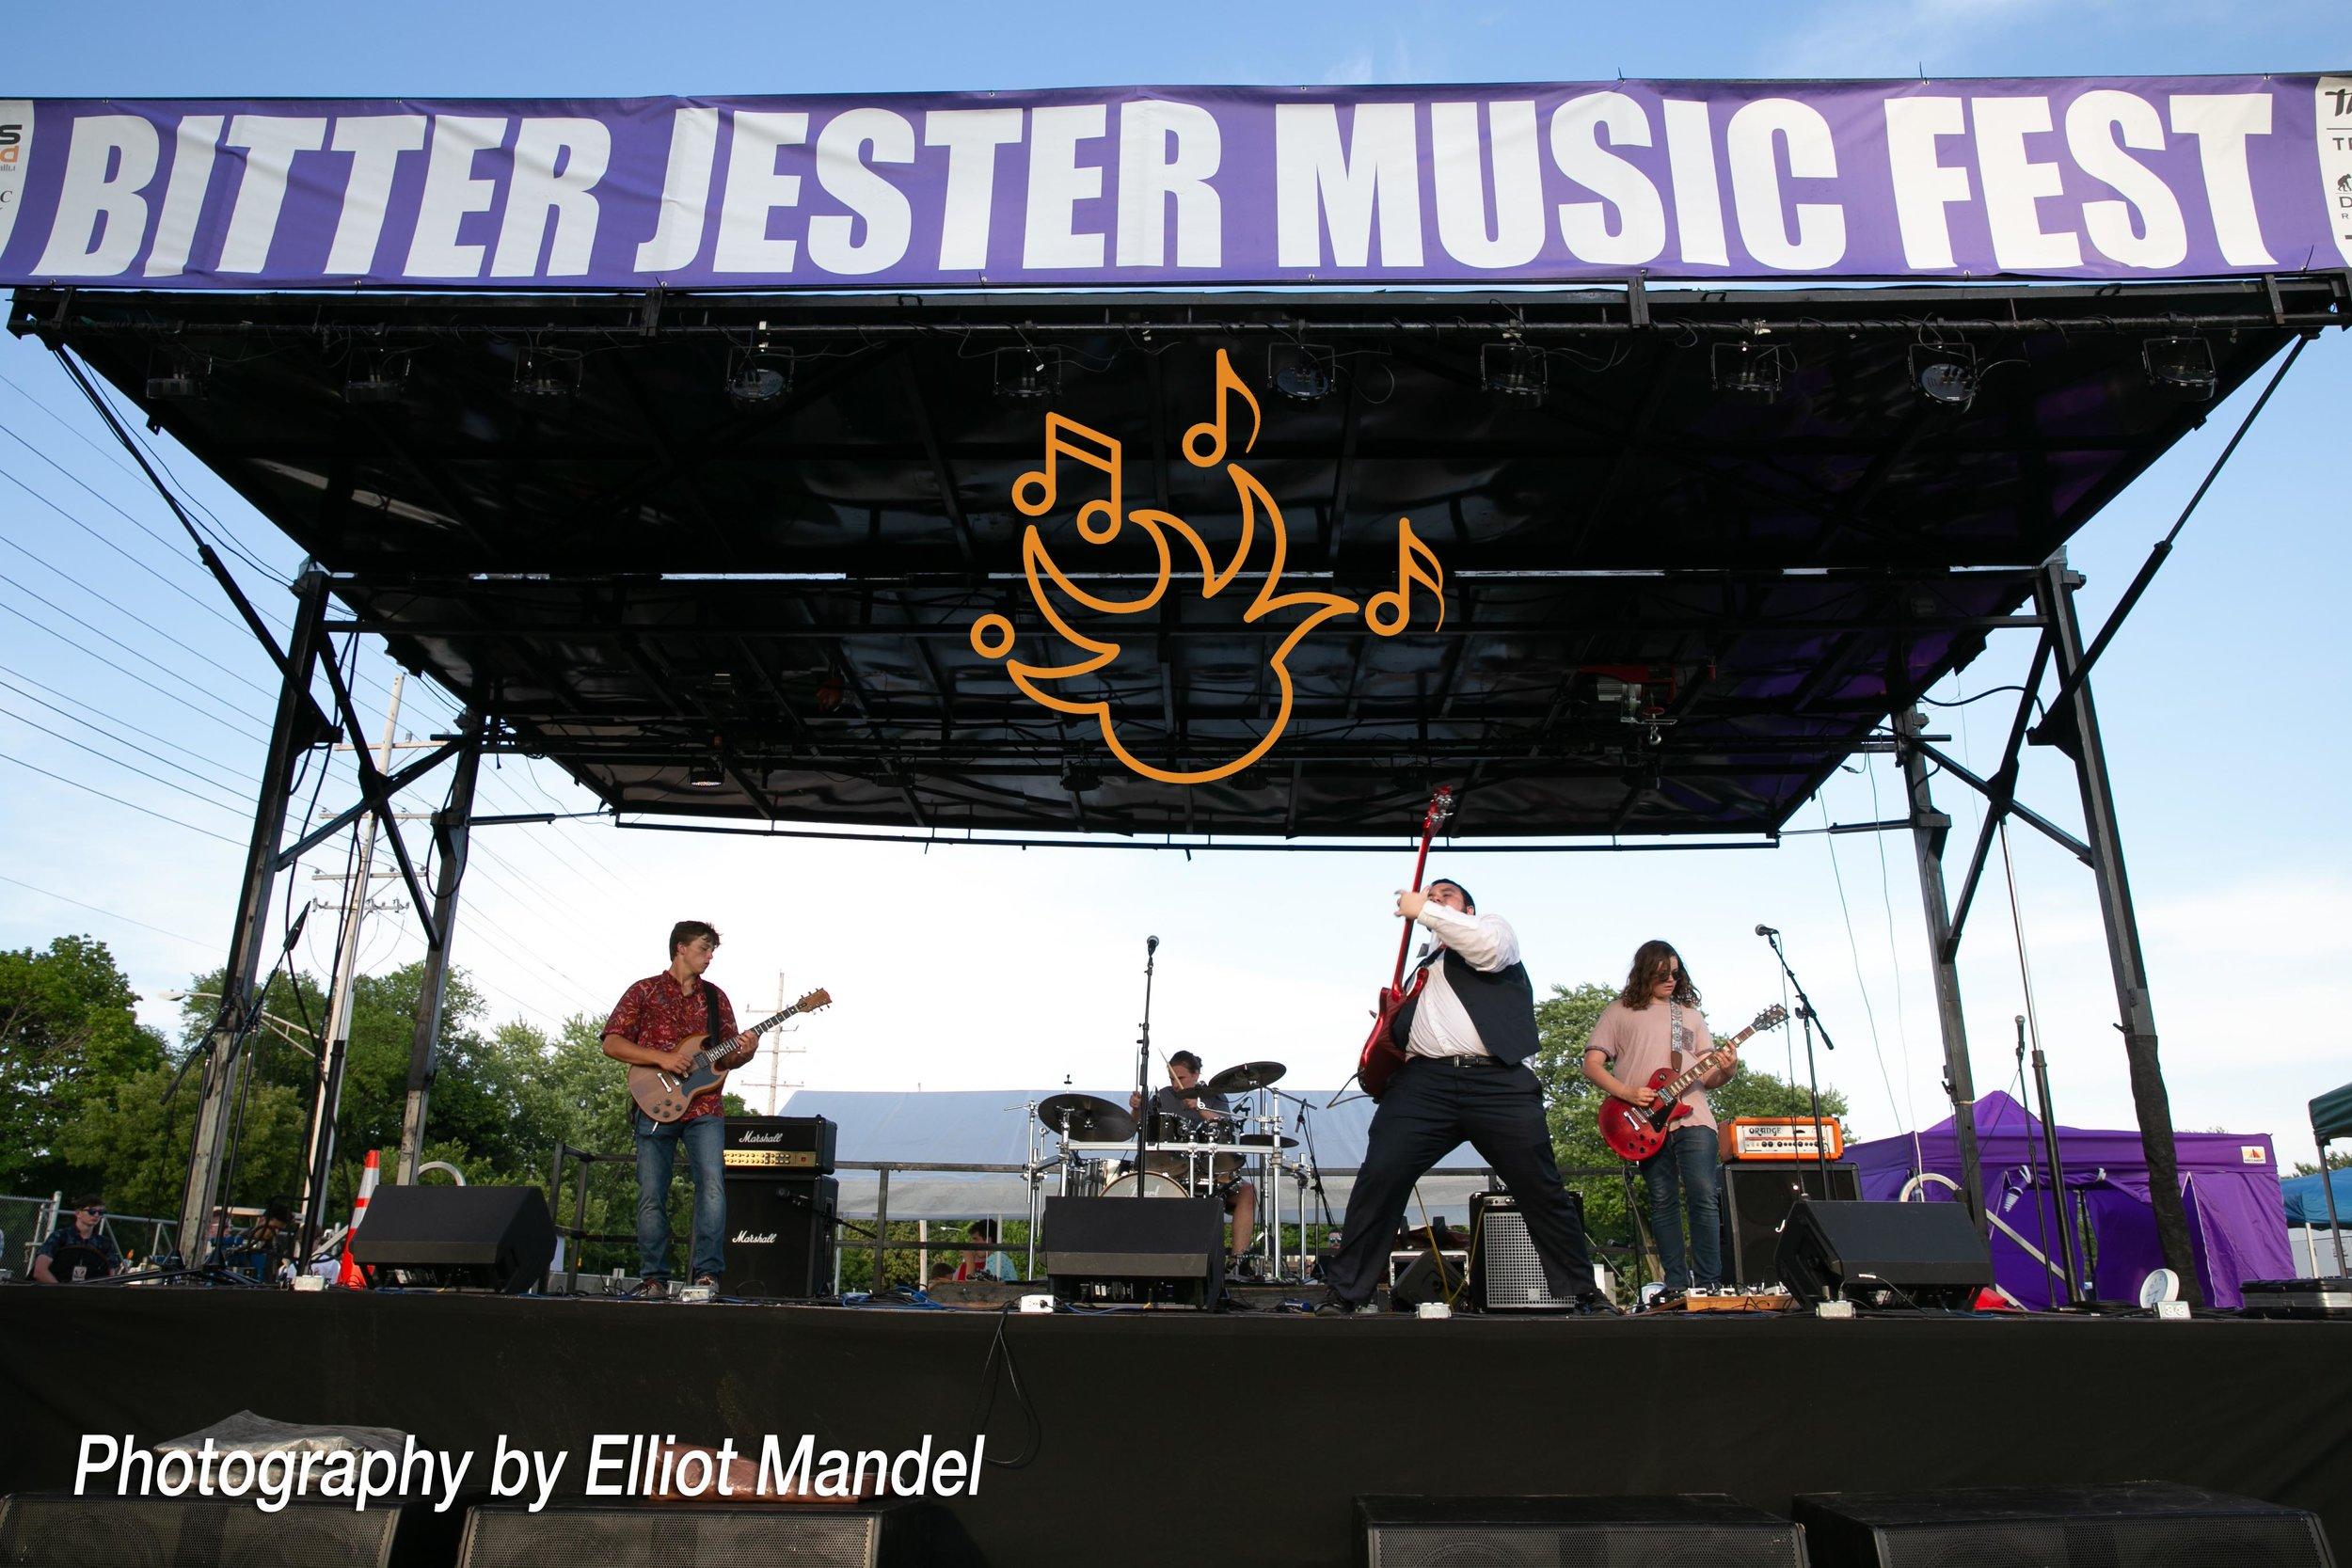 Bitter-Jester-Music-Fest_ElliotMandel-127.jpg